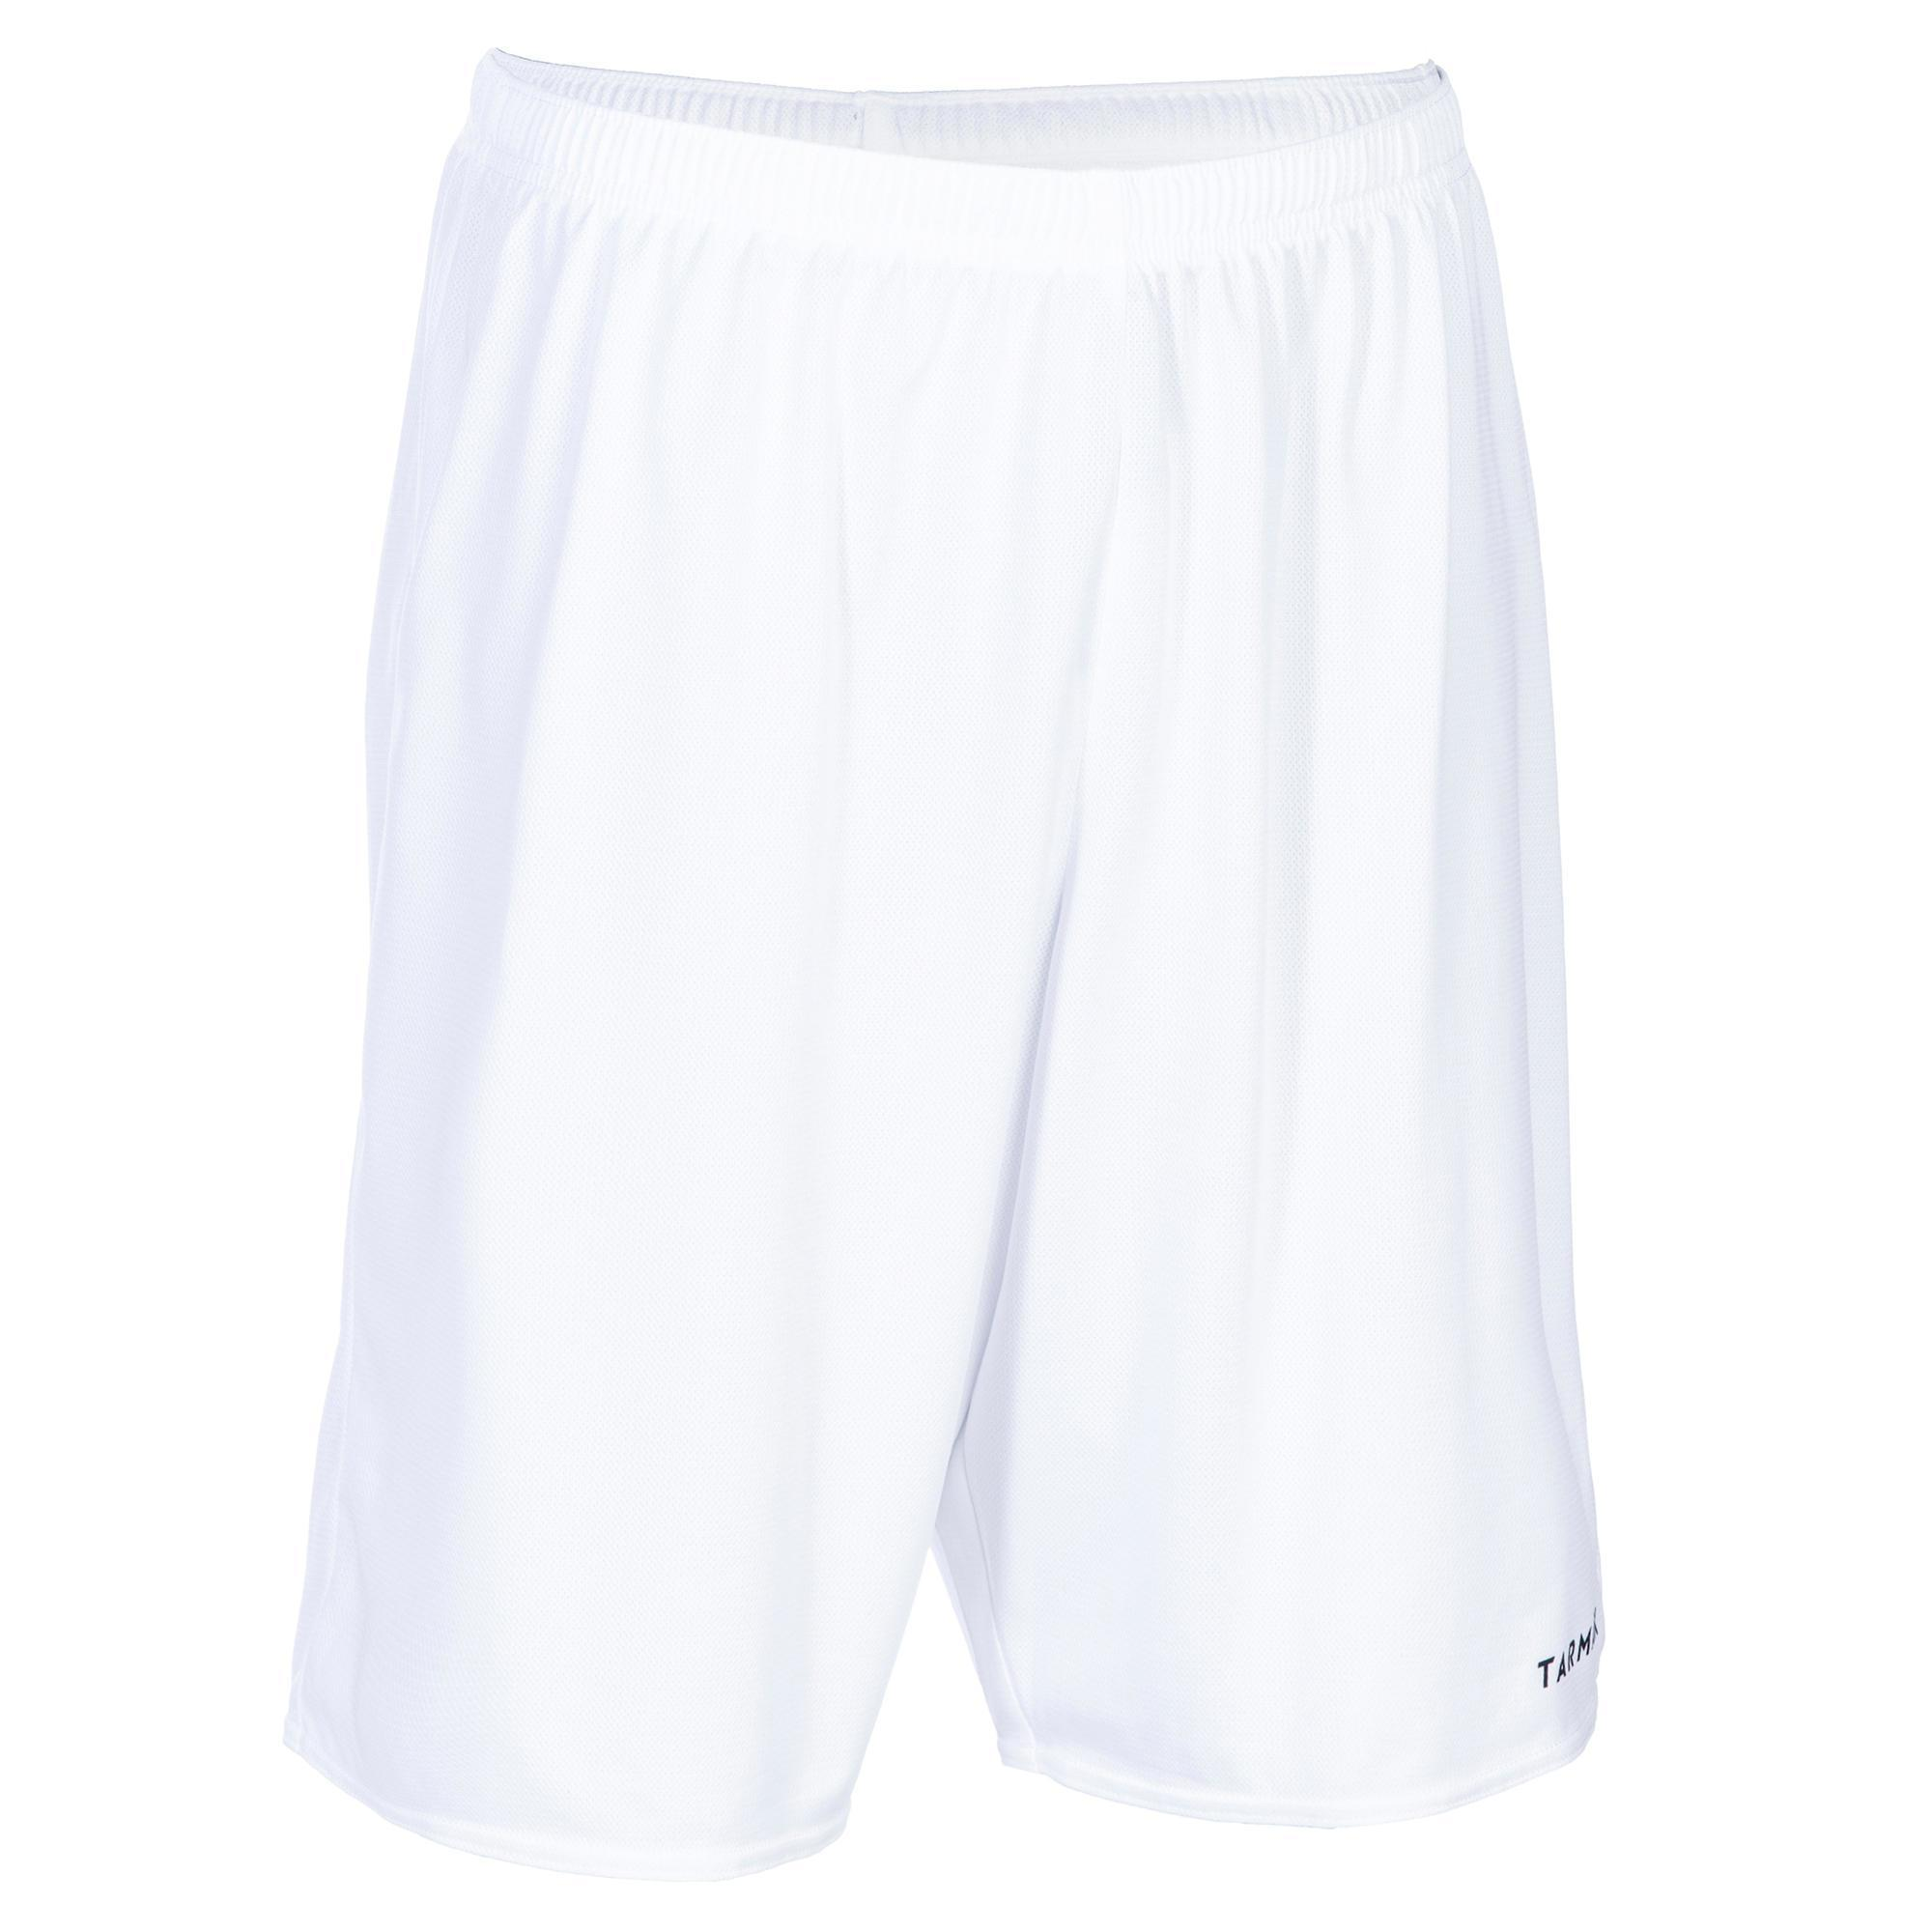 Basketballshorts SH100 Herren Einsteiger weiß | Sportbekleidung > Sporthosen > Basketballshorts | Weiß - Schwarz | Tarmak